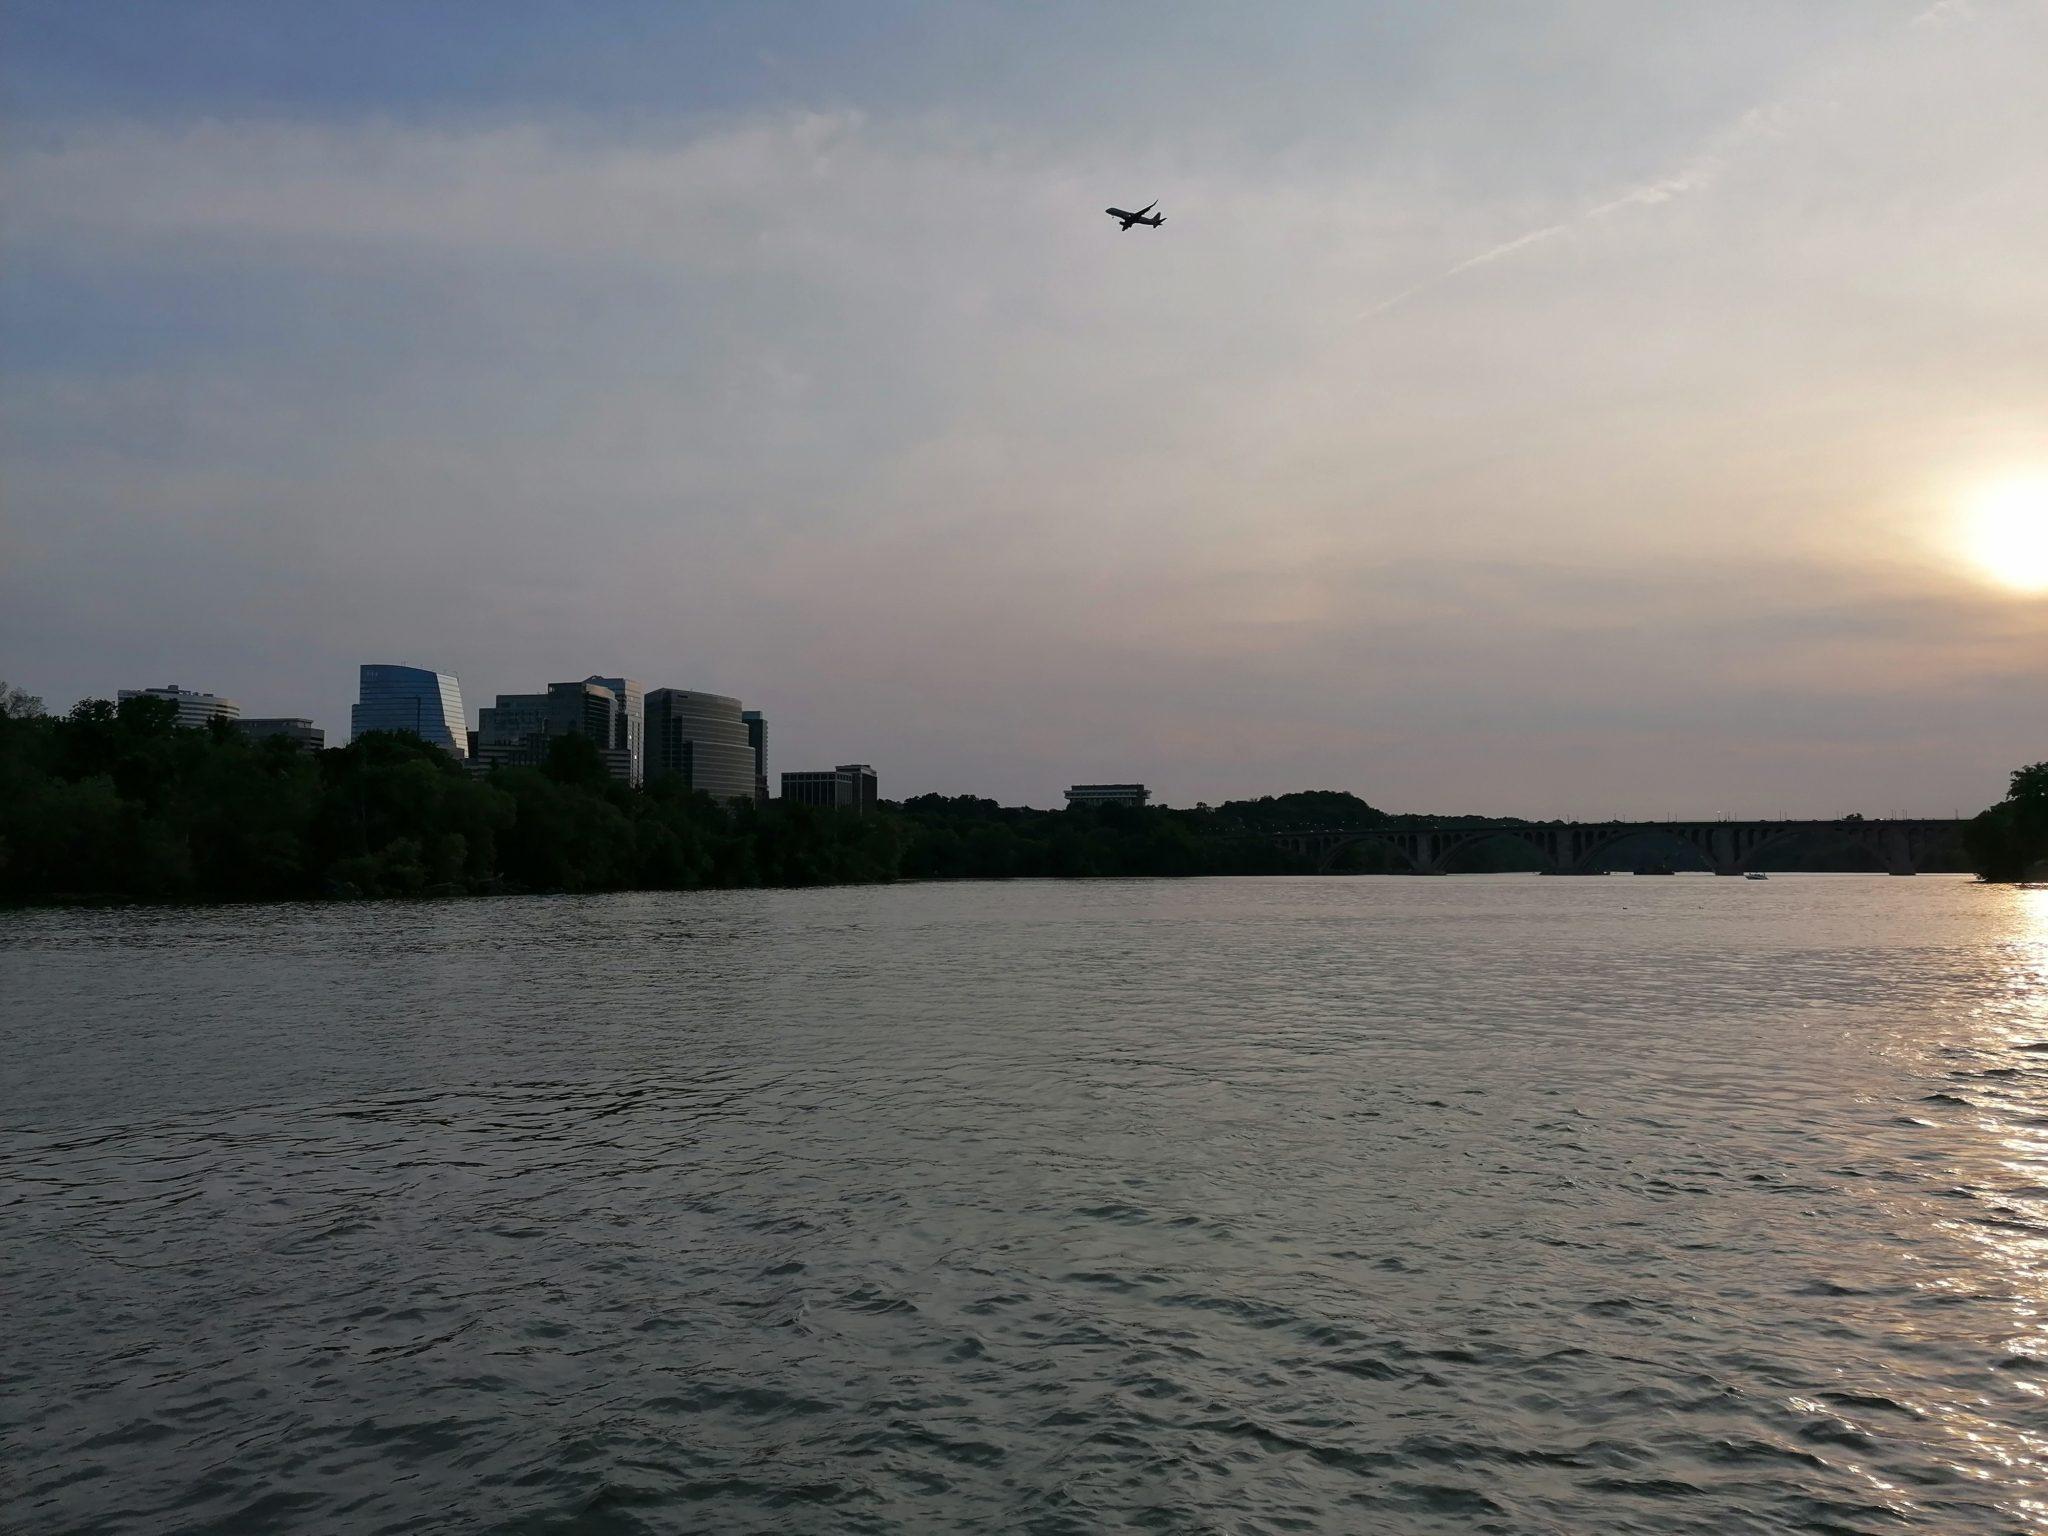 Laagvliegende vliegtuigen boven Potomac River vanuit Georgetown gezien